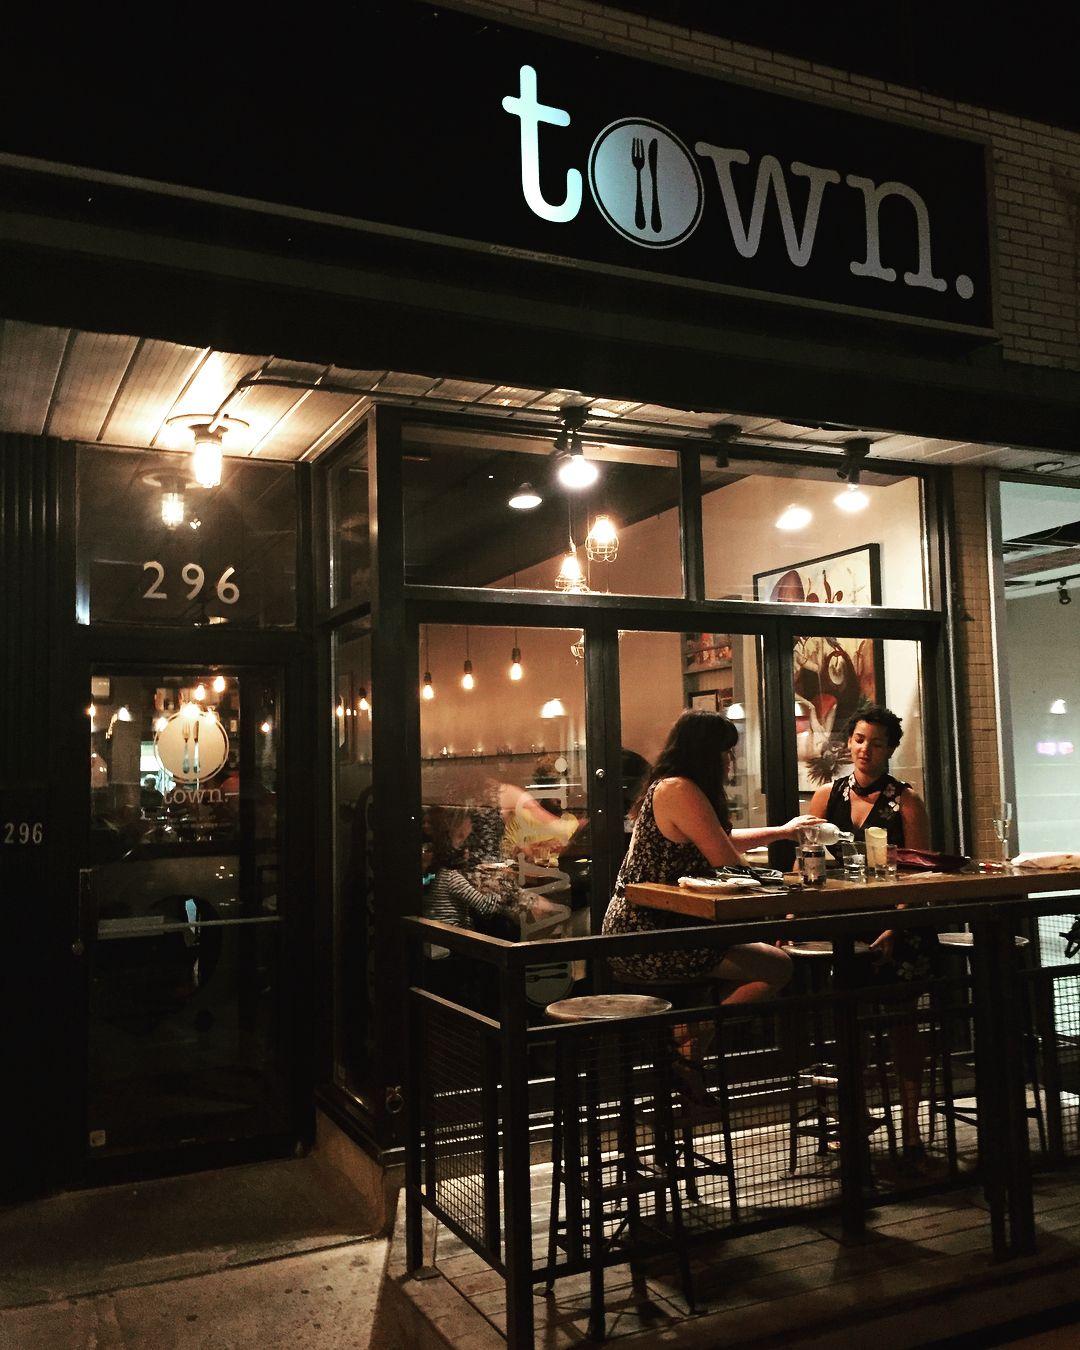 31 Amazing Ottawa Restaurants That Aren't In The ByWard Market | Ottawa restaurants, Restaurant, Ottawa